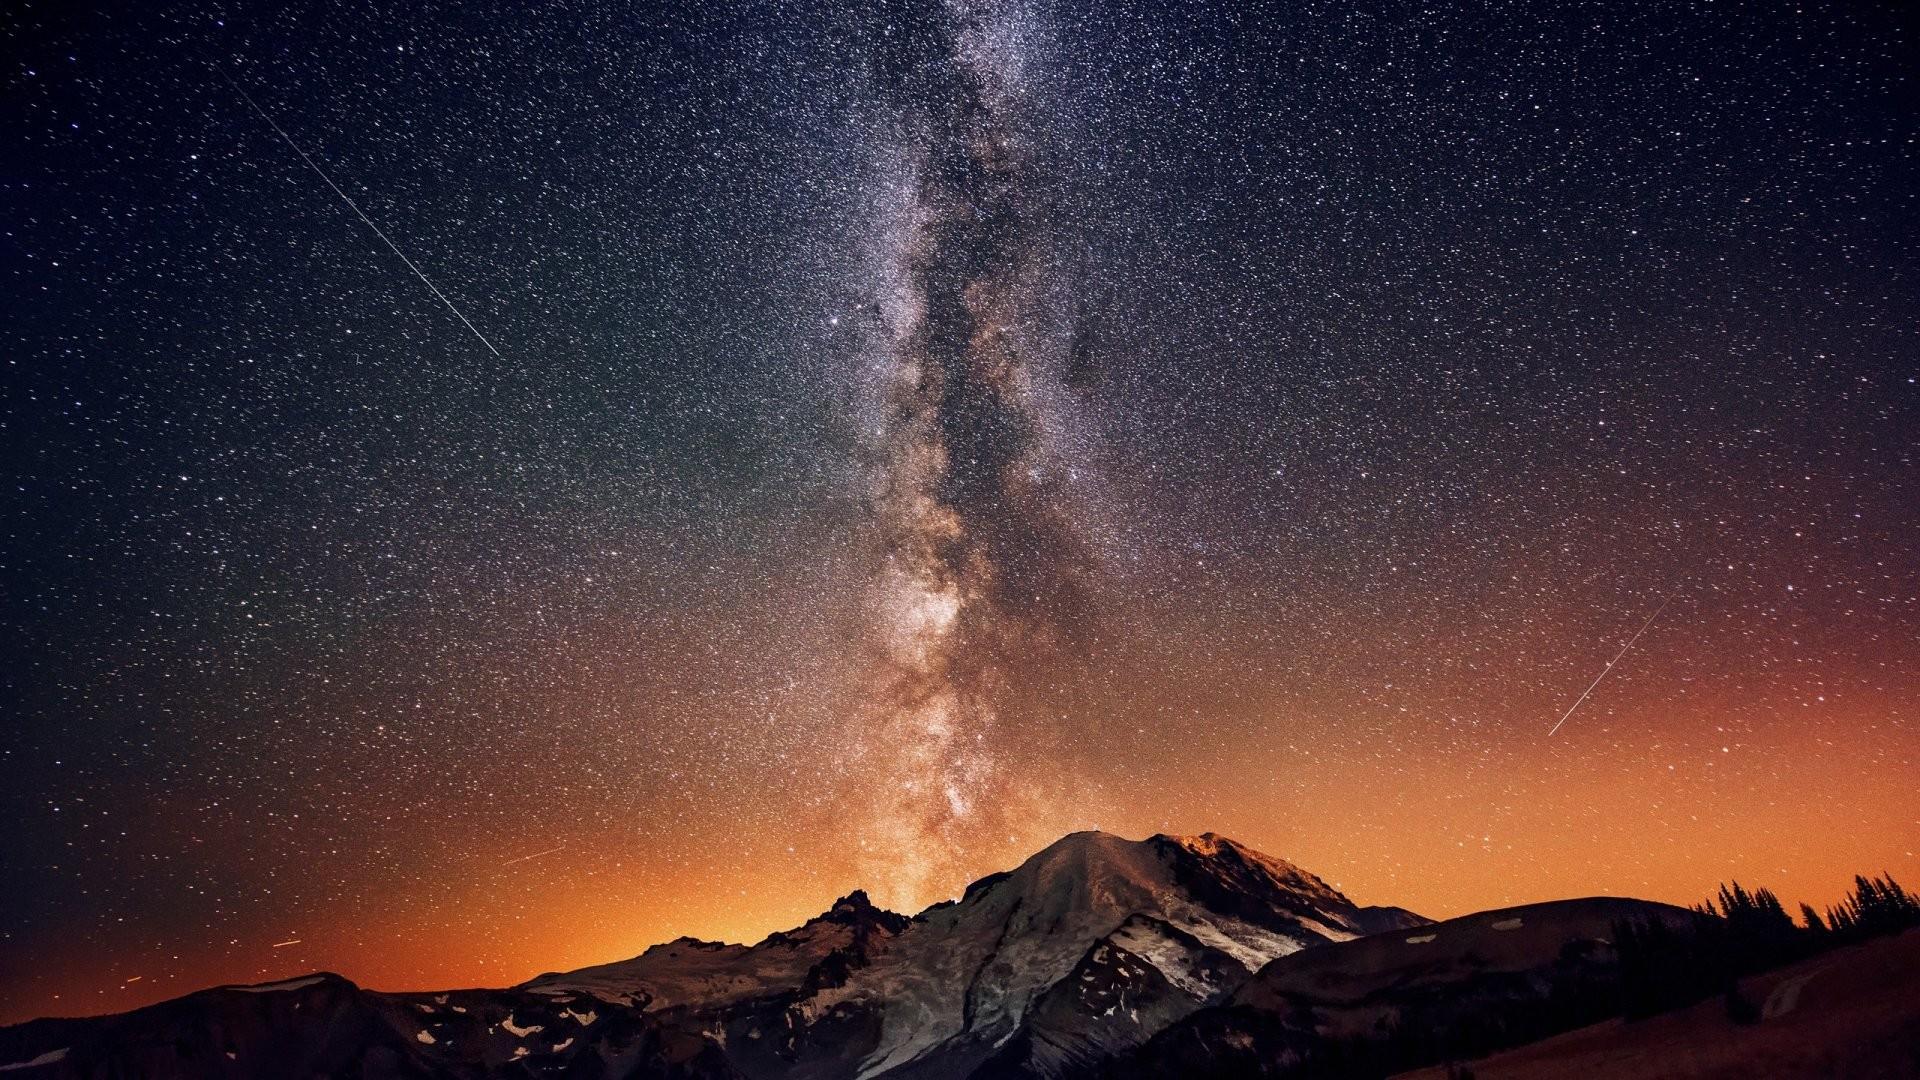 Milky way night sky mountains